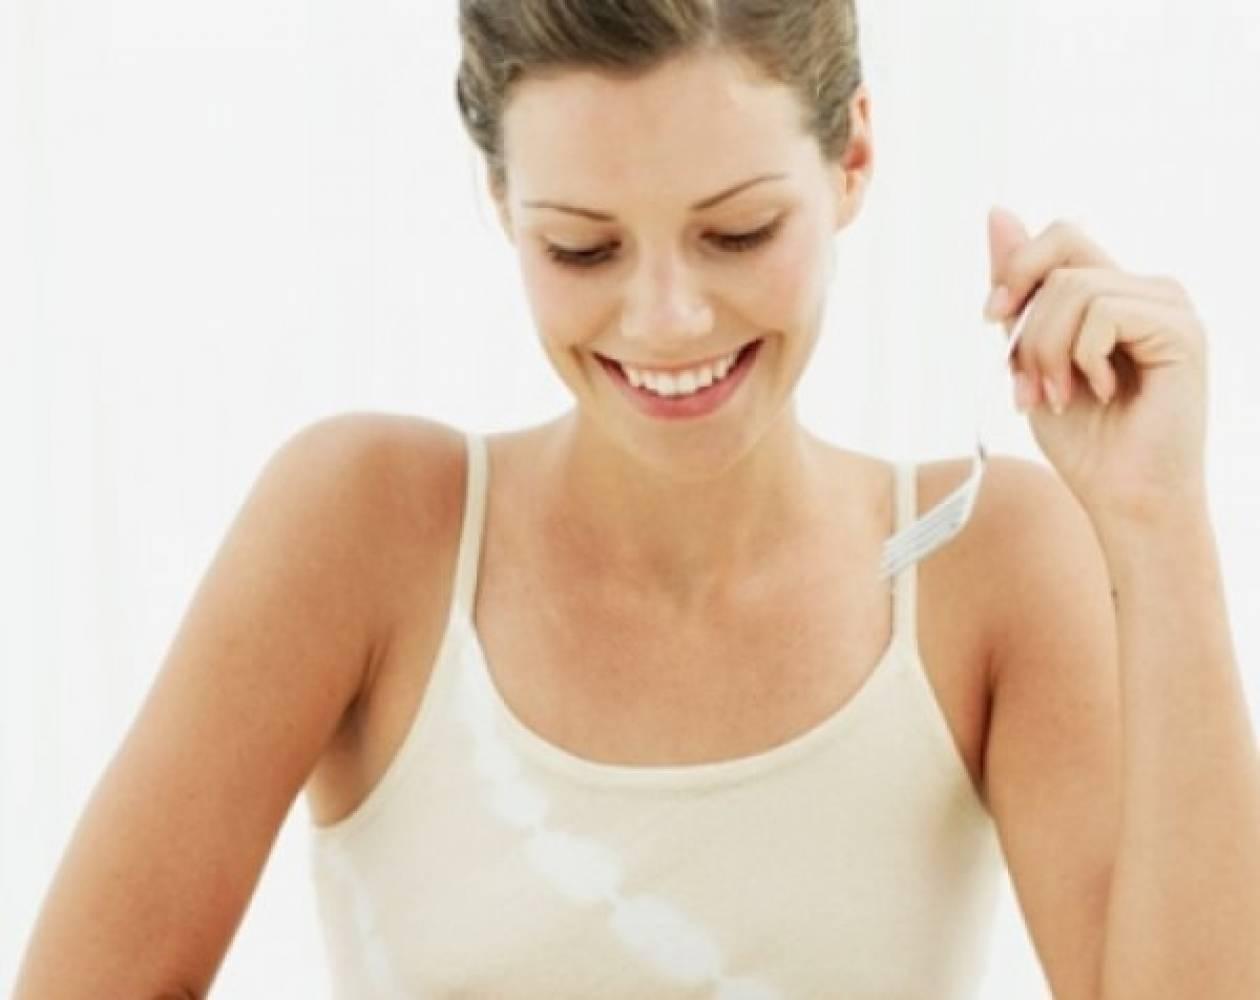 Τρεις κανόνες που δεν πρέπει να ξεχάσετε, αν θέλετε να χάσετε βάρος